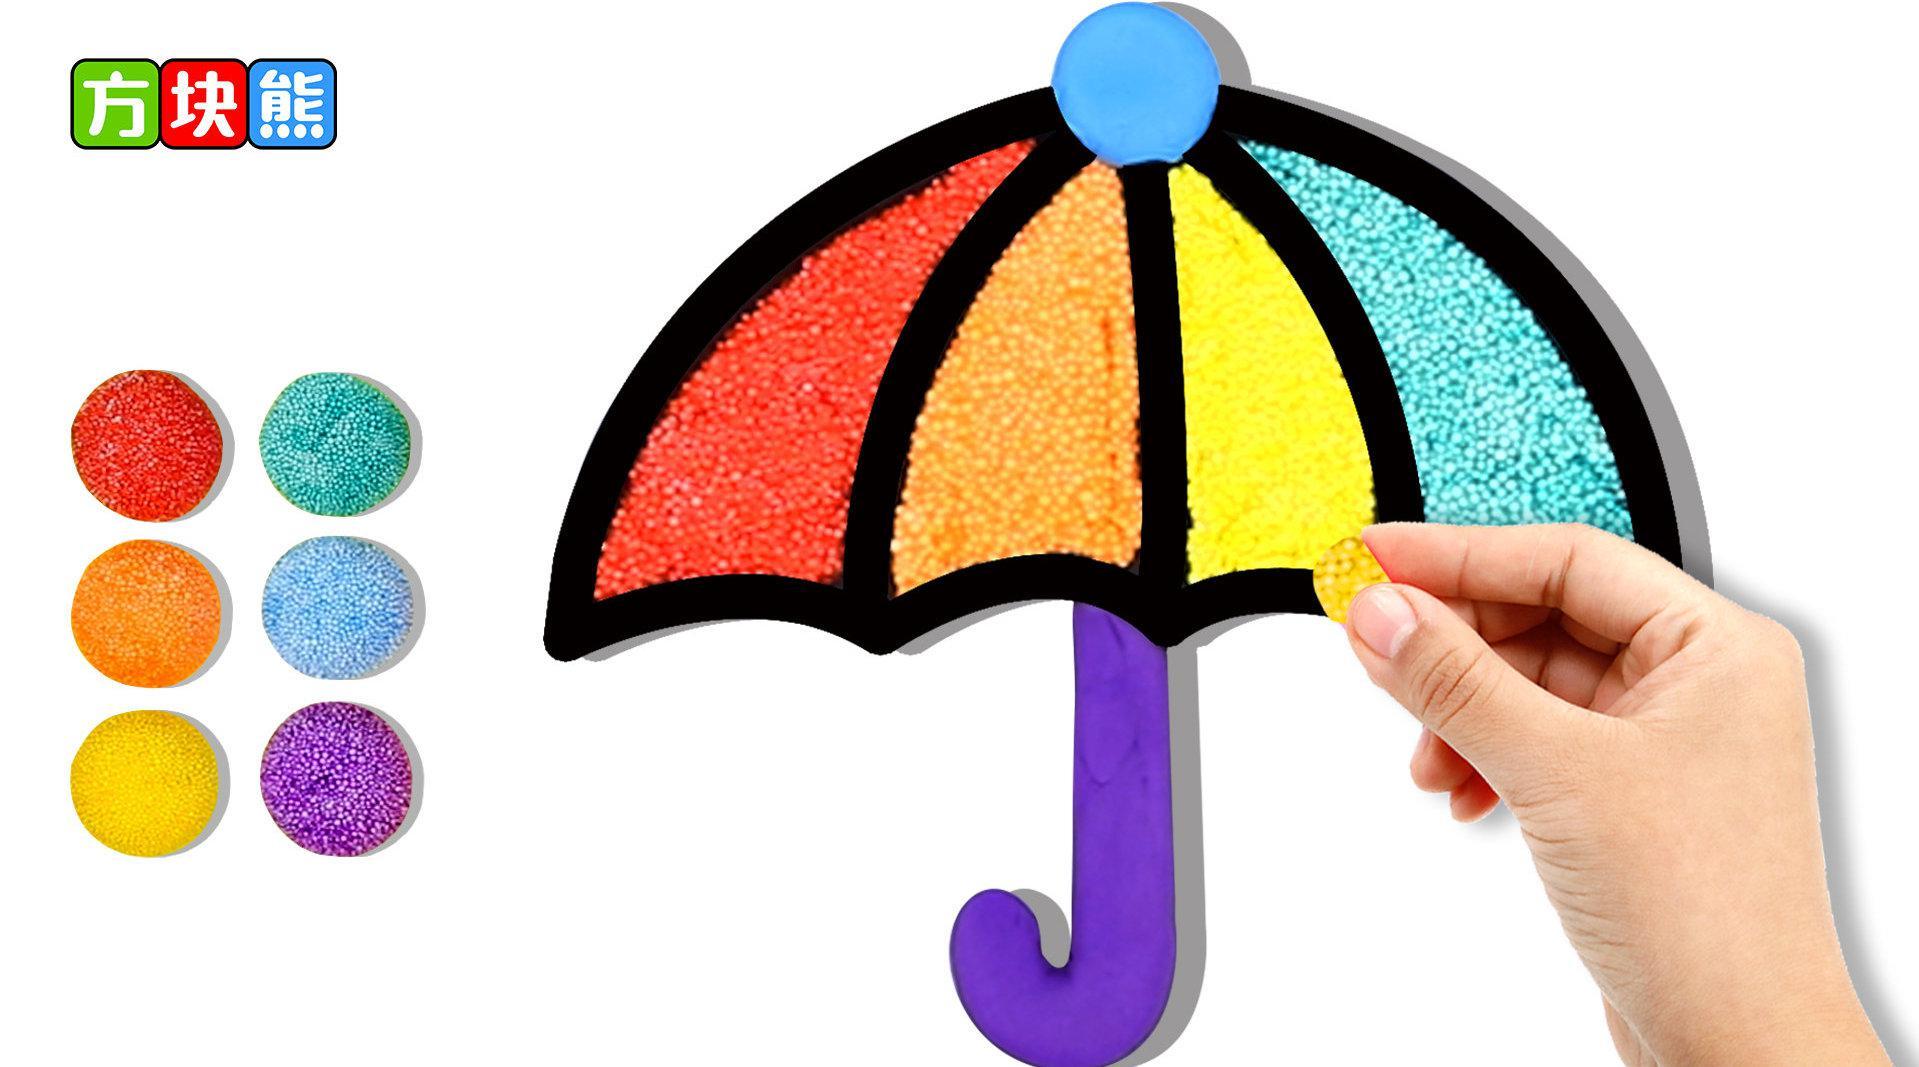 教小朋友制作一把彩虹色雨伞,超简单